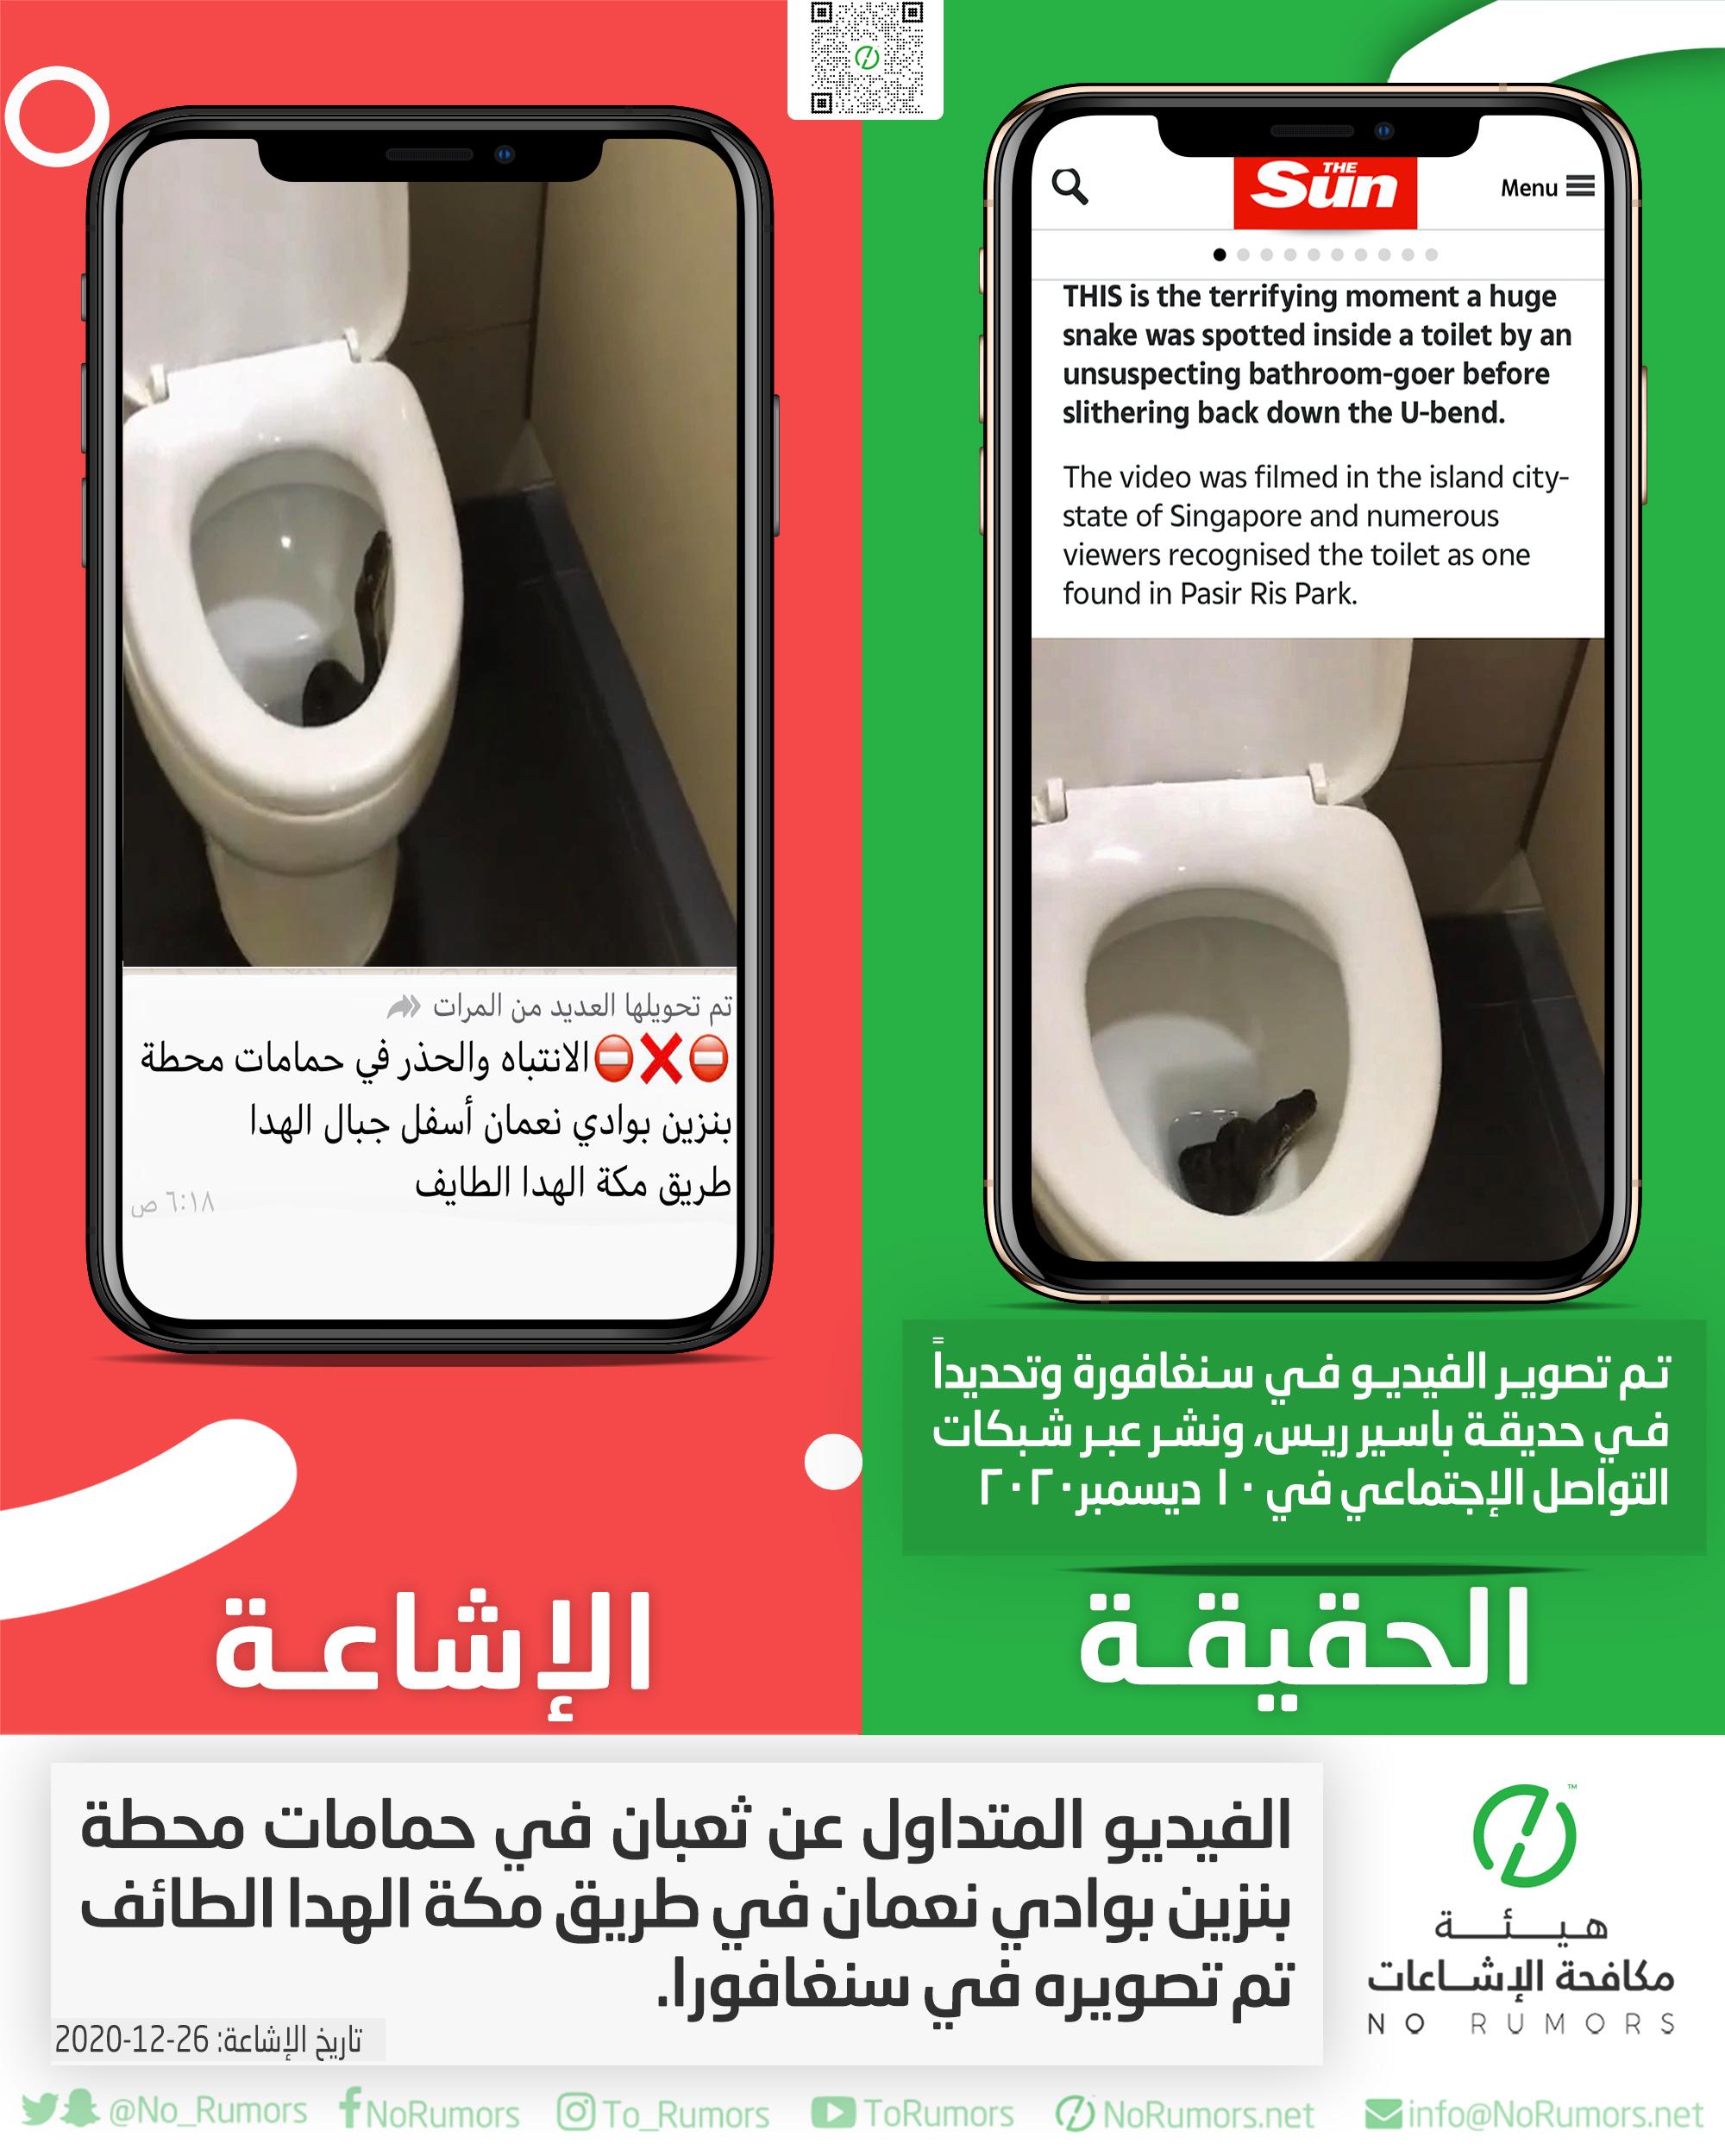 حقيقة الفيديو المتداول عن ثعبان في حمامات محطة بنزين بوادي نعمان في طريق مكة الهدا الطائف